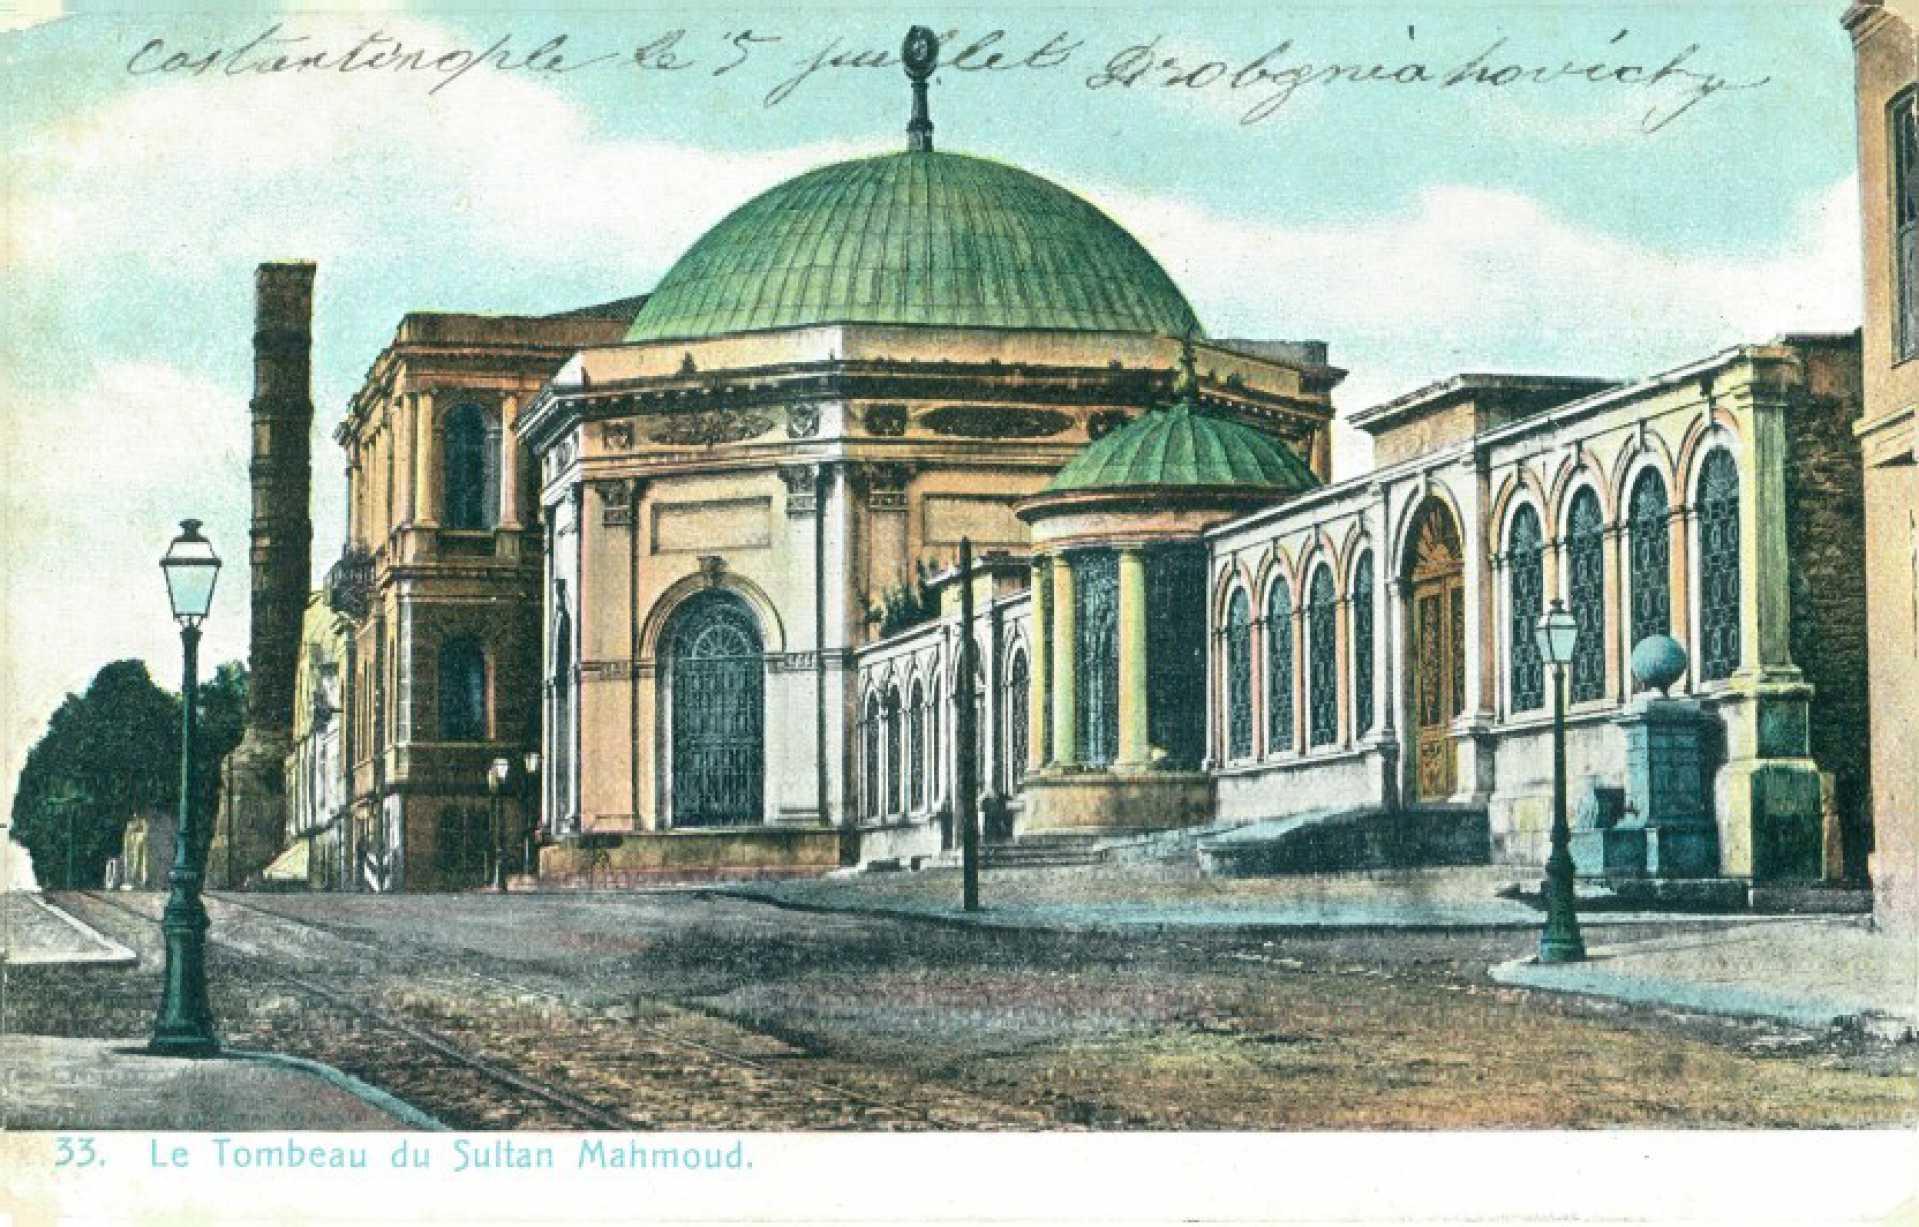 Le Tombeau de Sultan Mahmoud